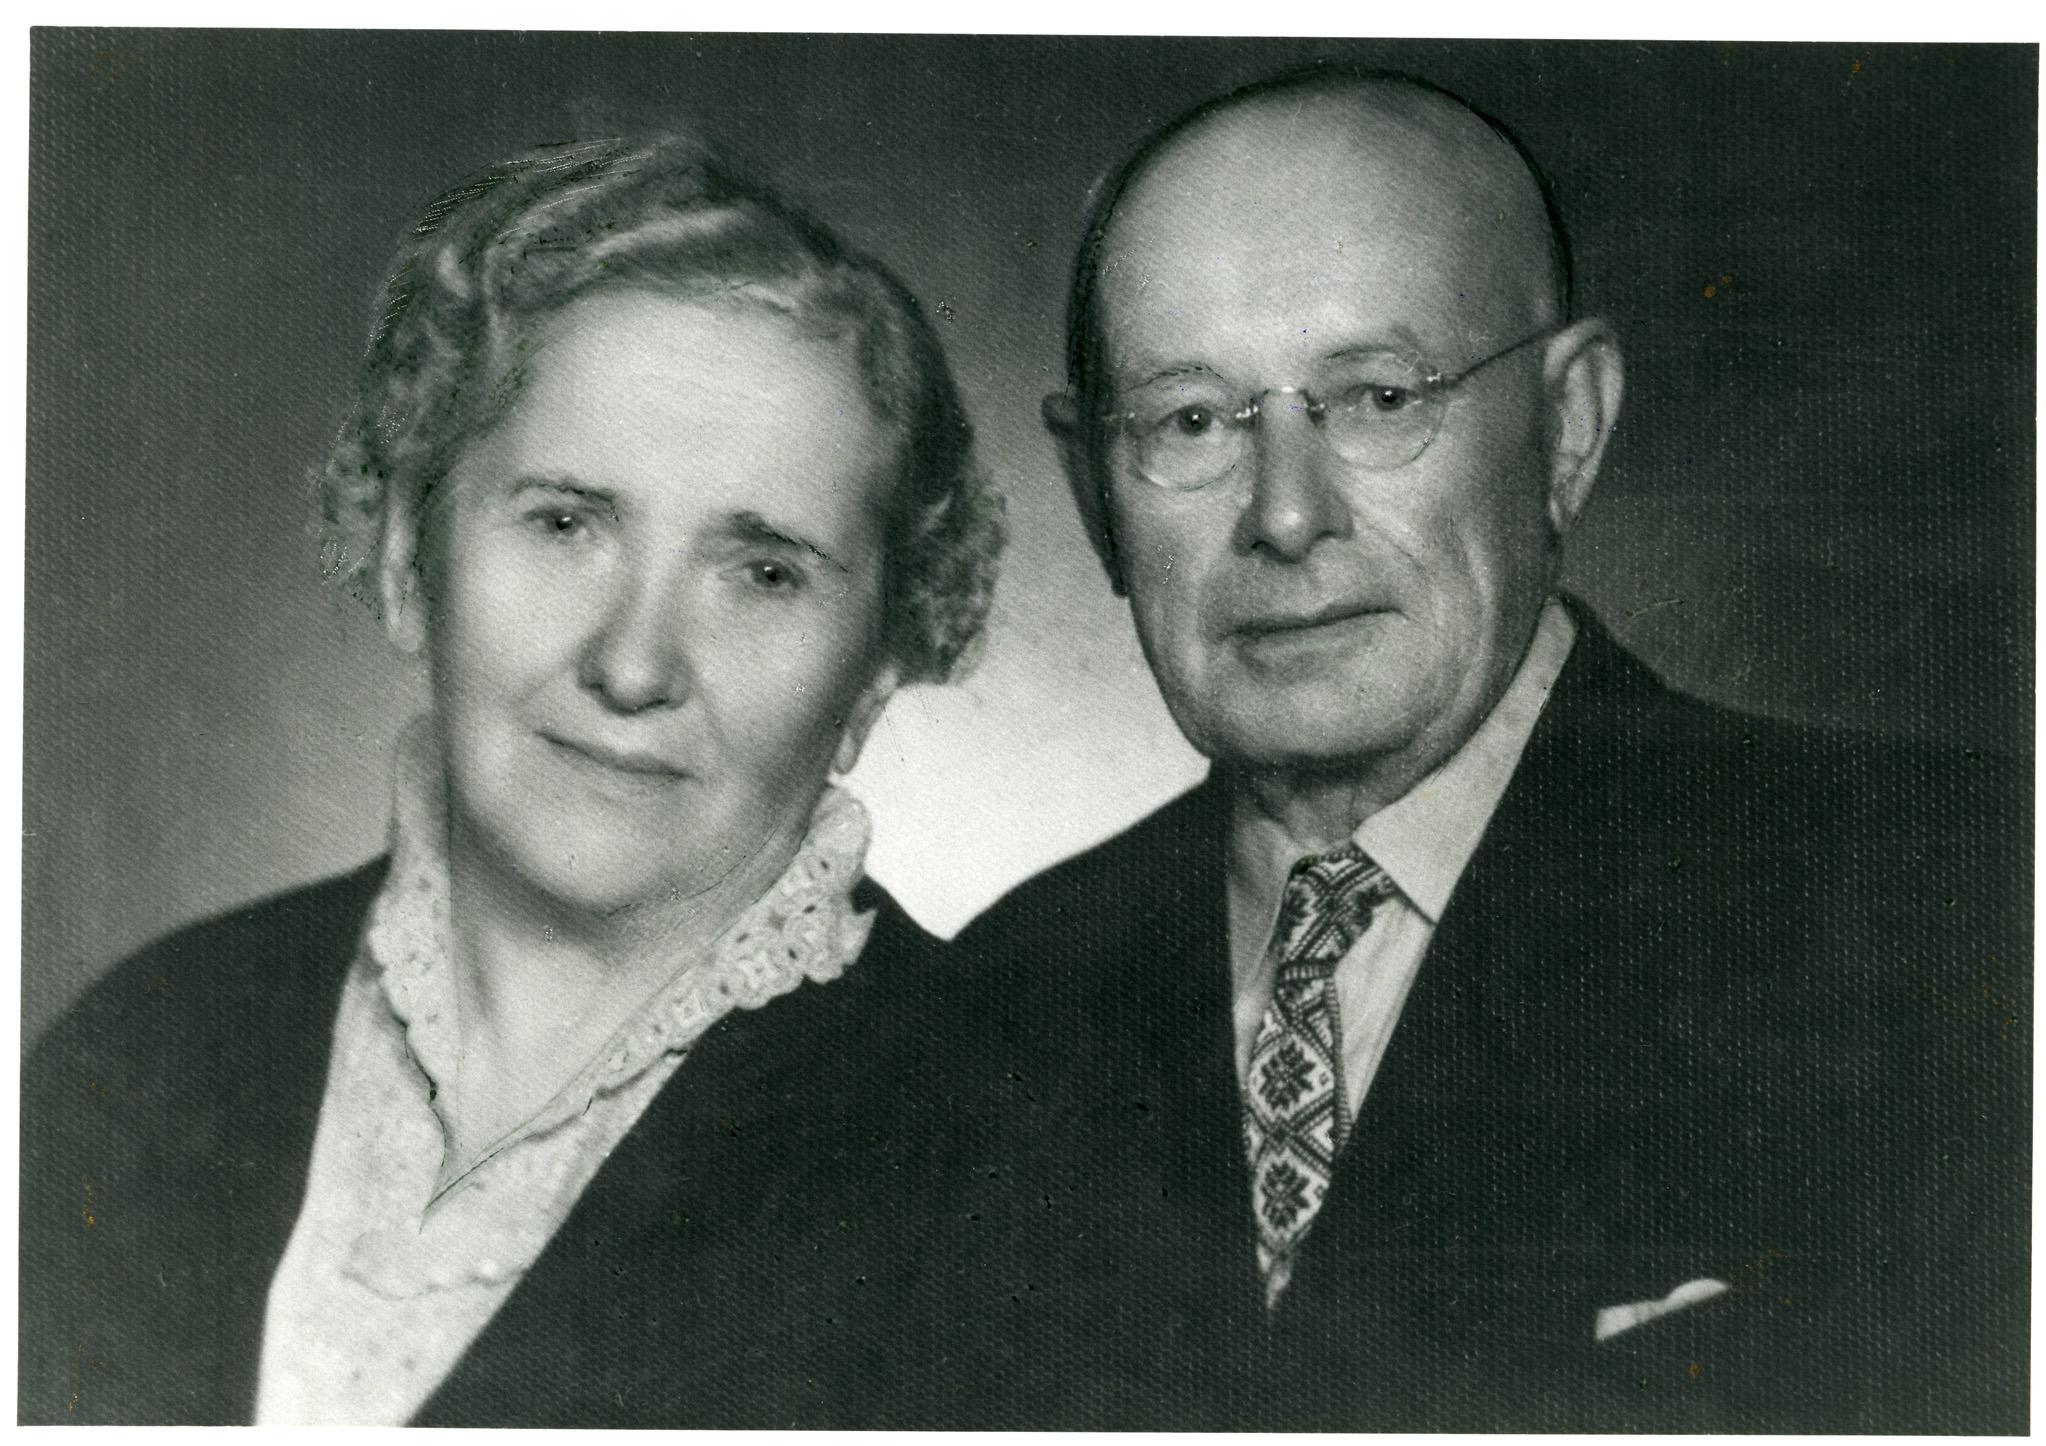 Aleksandras Stulginskis su žmona Ona sugrįžę į Lietuvą po ilgų kalinimo lageriuose ir tremtyje praleistų metų. Apie 1958 m. | Okupacijų ir laisvės kovų muziejaus nuotr.